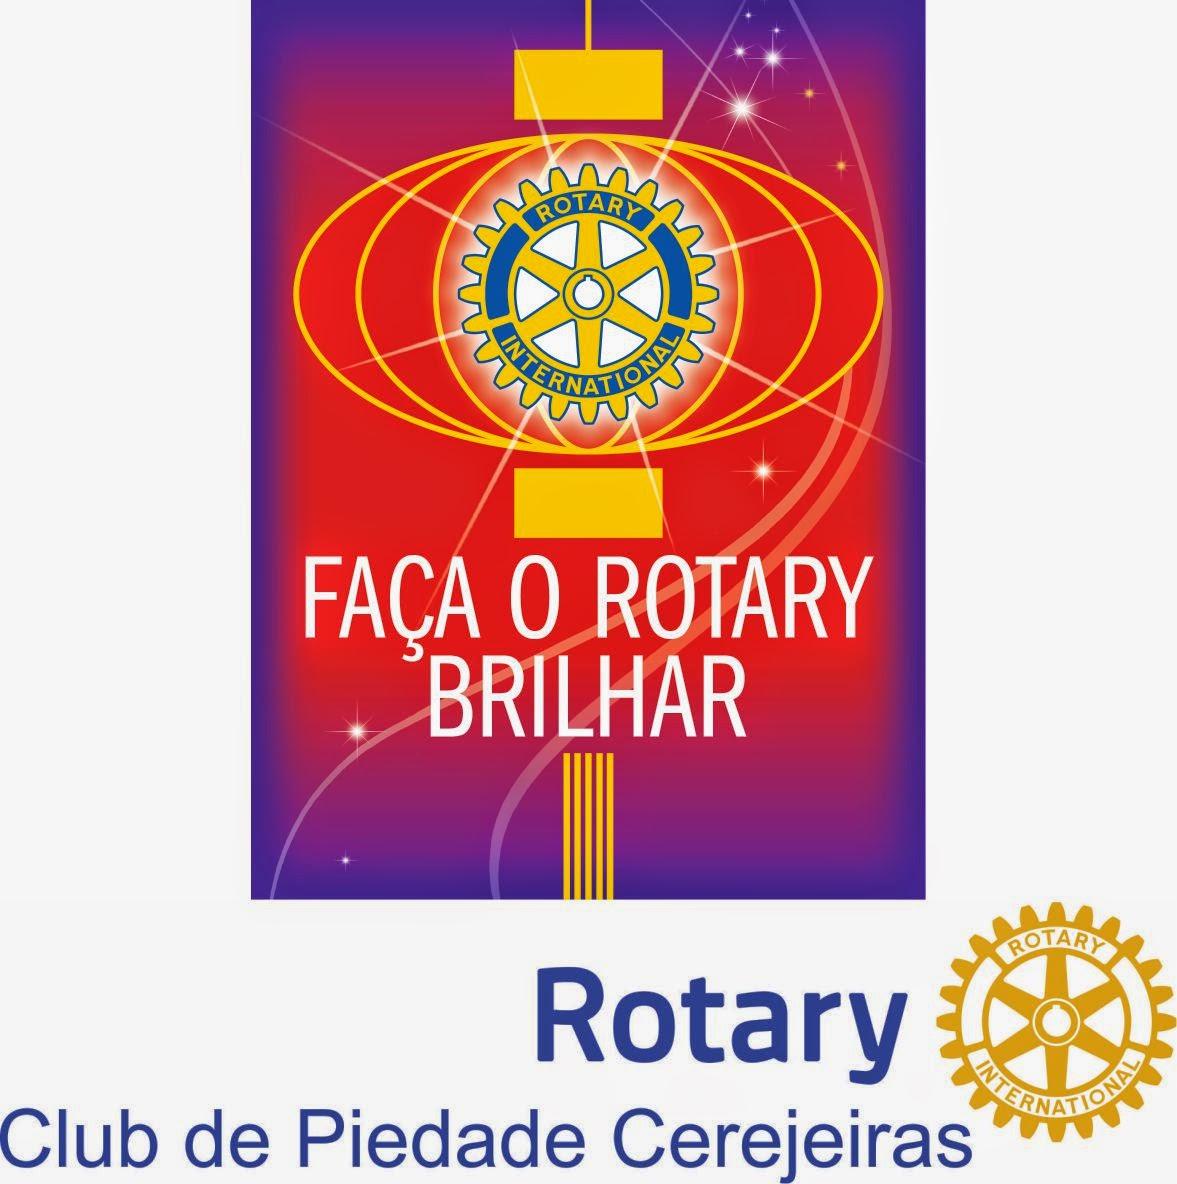 Rotary Club Piedade Cerejeiras